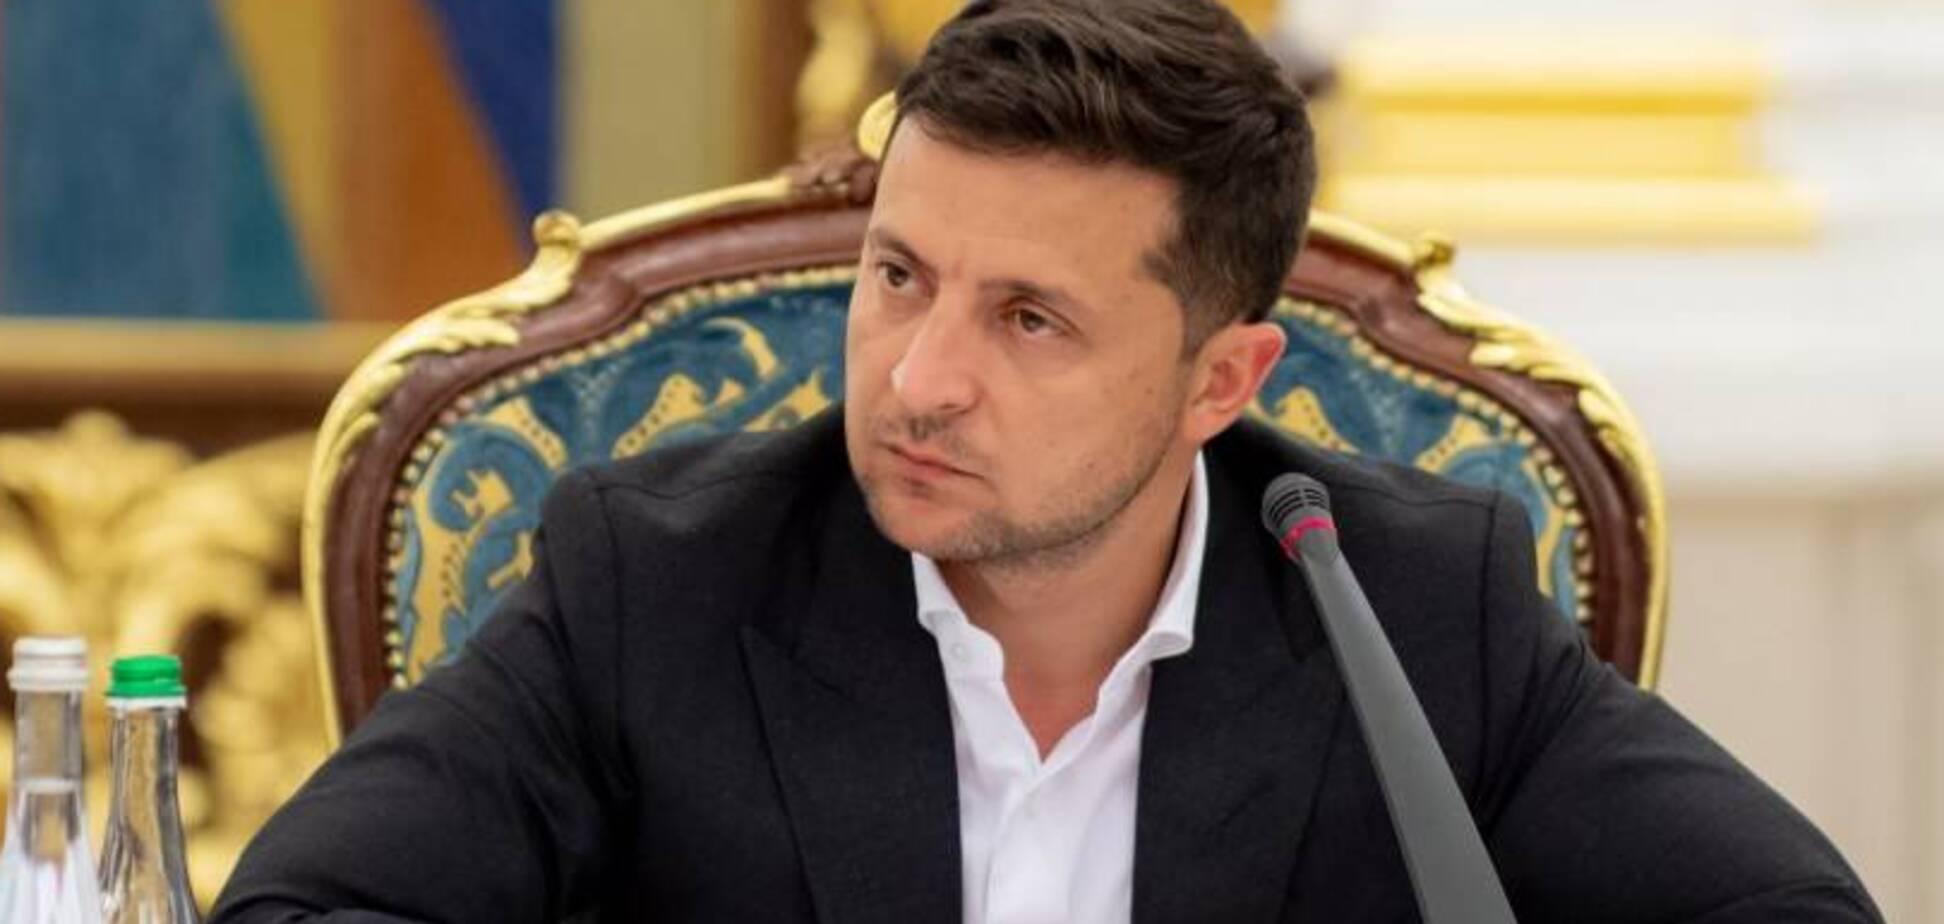 О несправедливости в начислении пенсий Зеленскому рассказали ветераны АТО